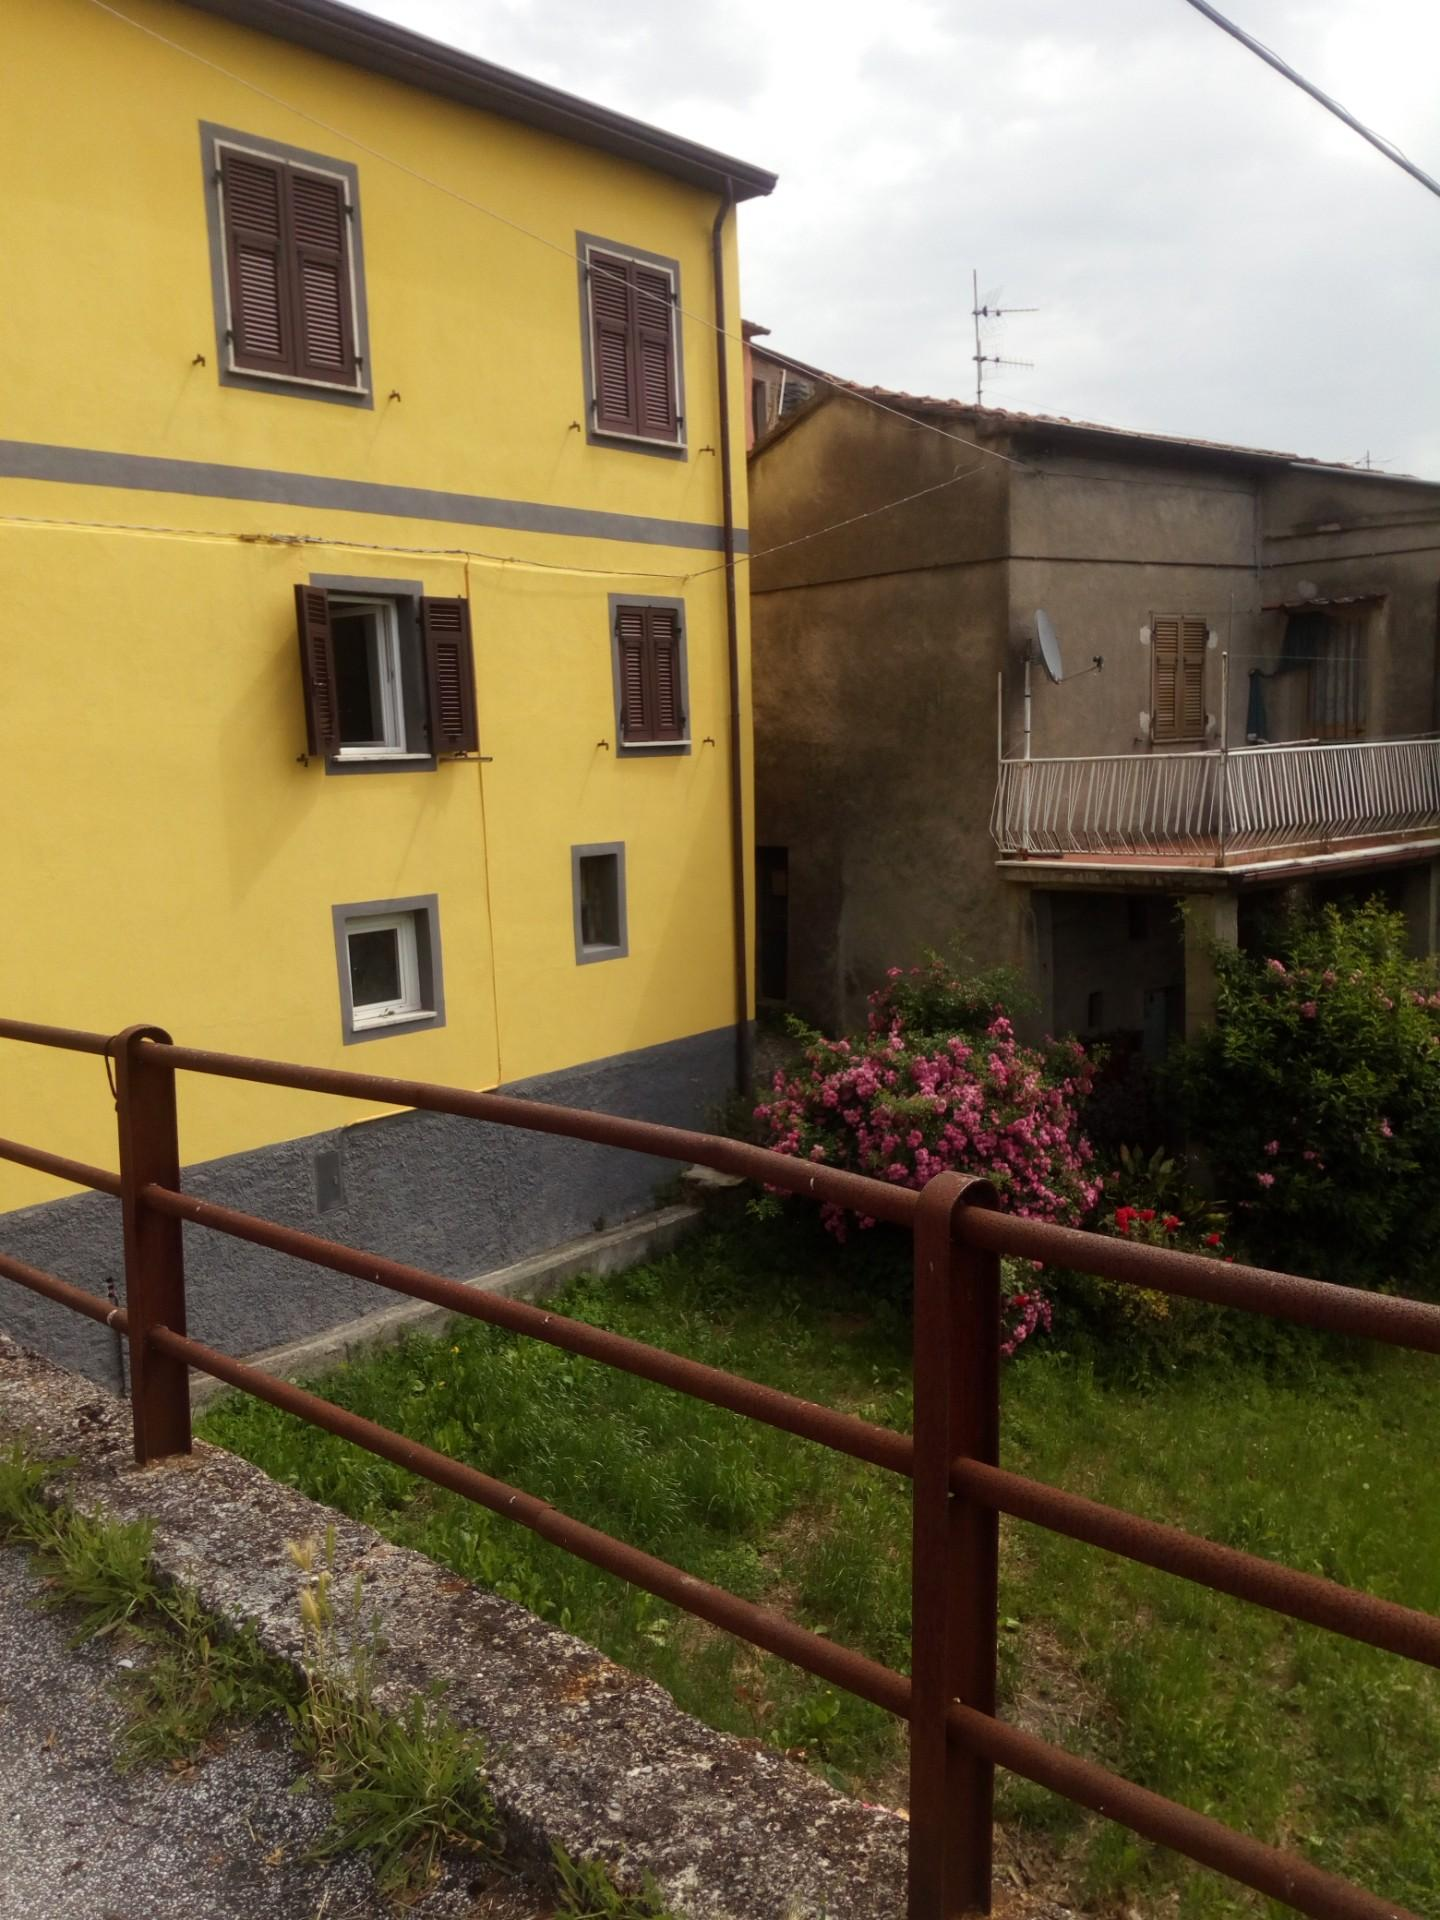 Villa in vendita a Tresana, 6 locali, prezzo € 170.000 | PortaleAgenzieImmobiliari.it